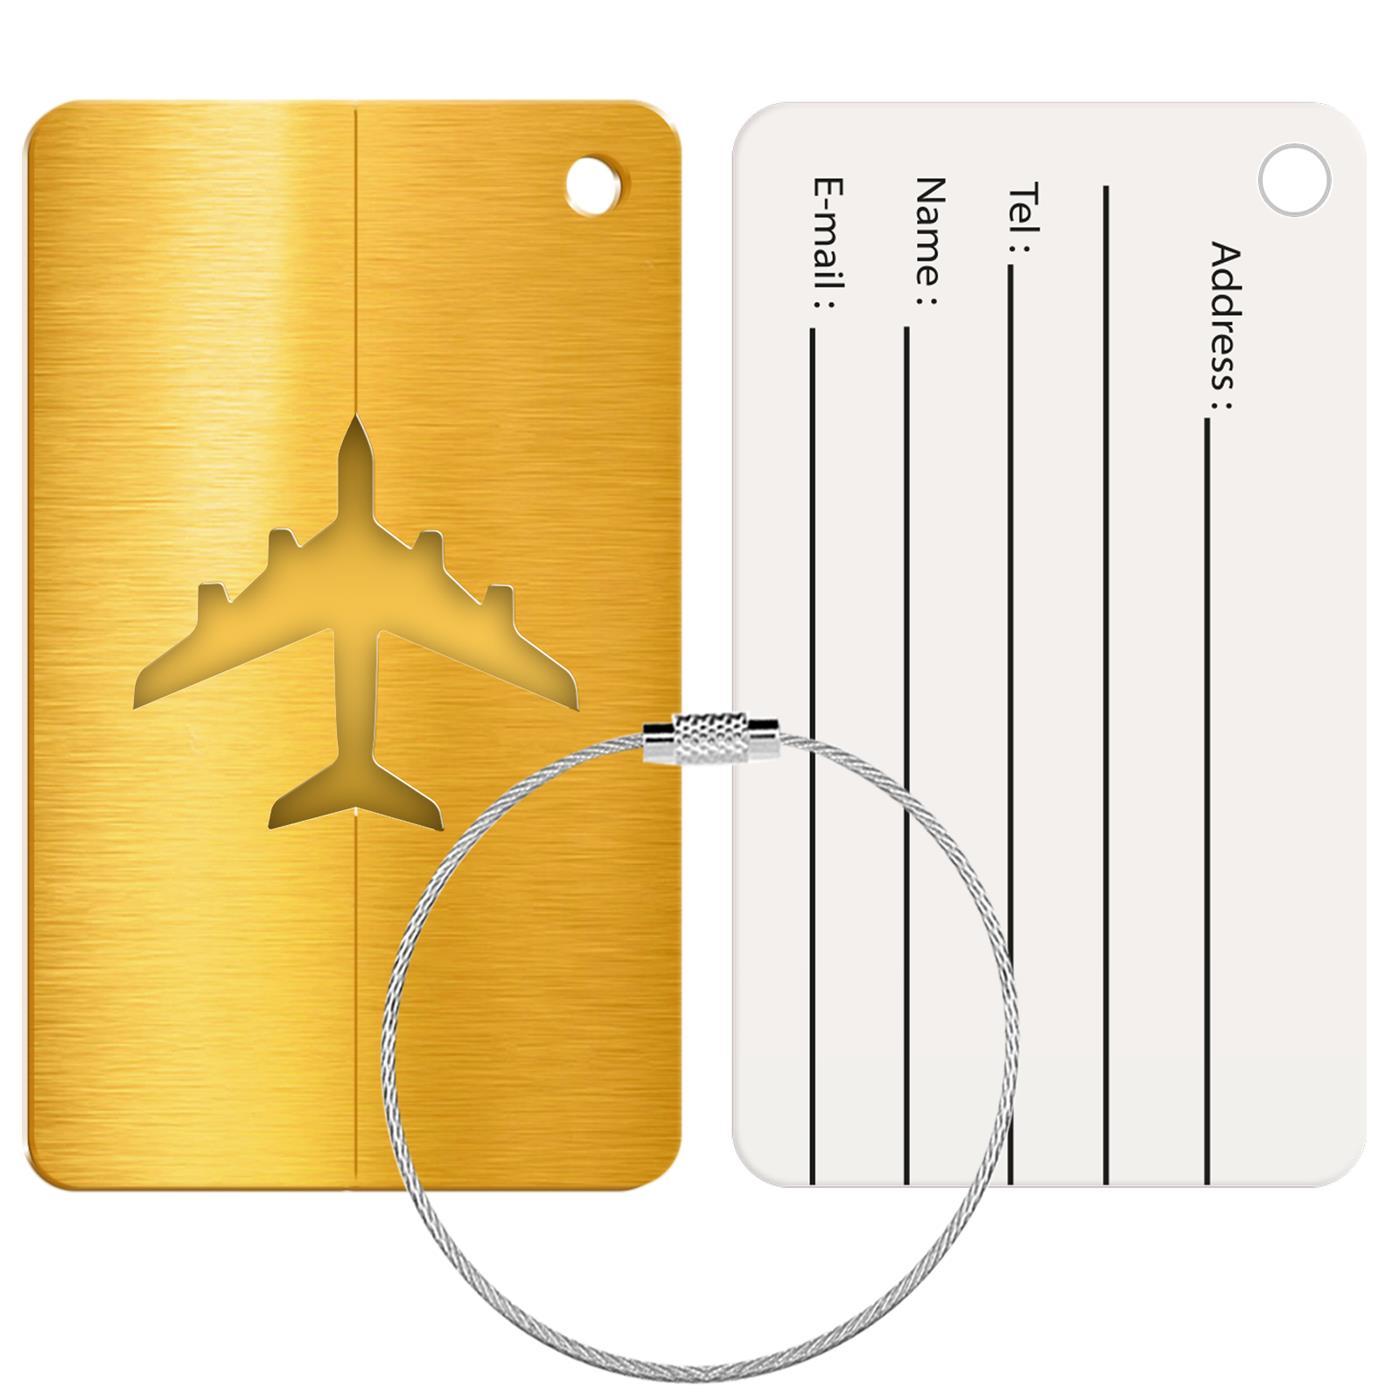 Reise Kofferanhänger Namensschild Gepäck Anhänger Schild Urlaub Flugzeug Trolley Gold